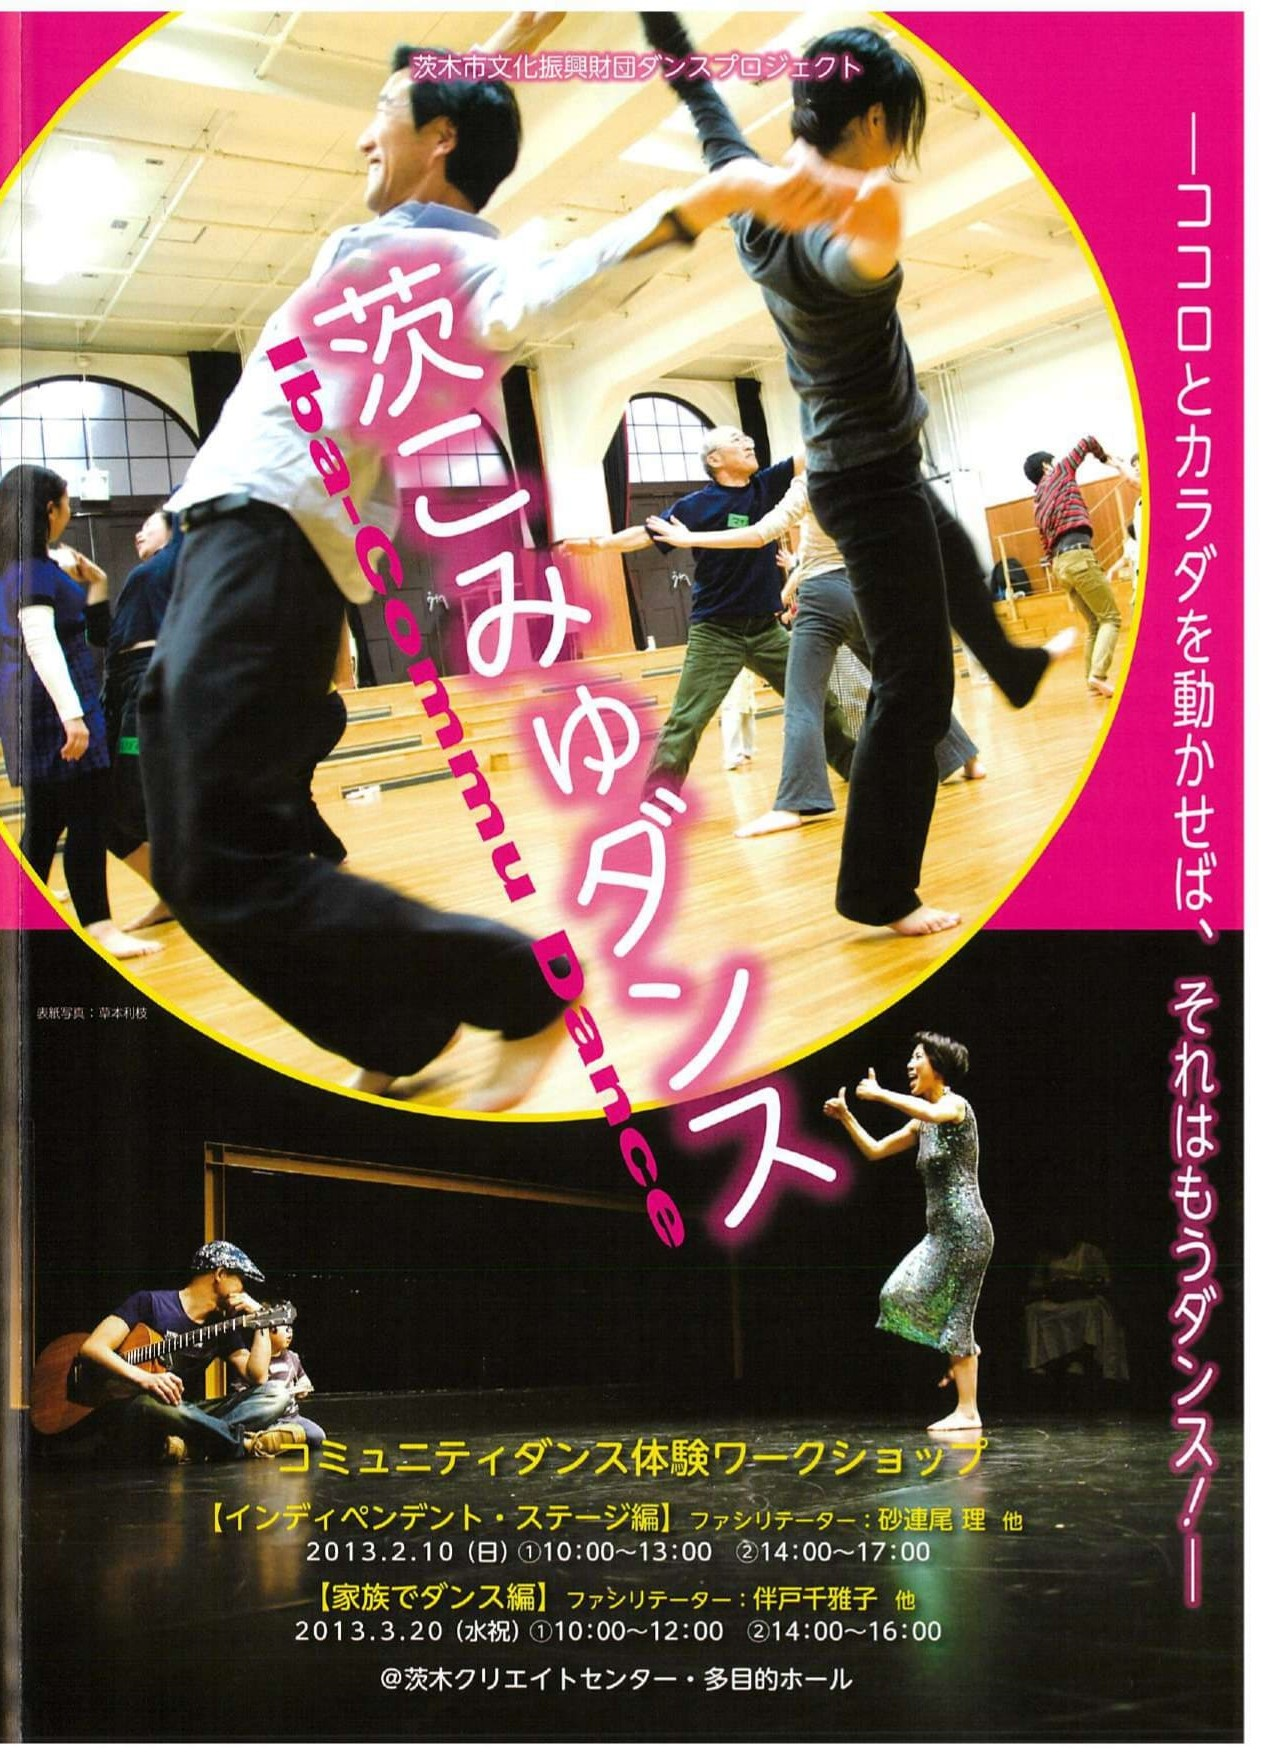 ダンスプロジェクト コミュニティダンス体験ワー クショップ「茨こみゅダンス」